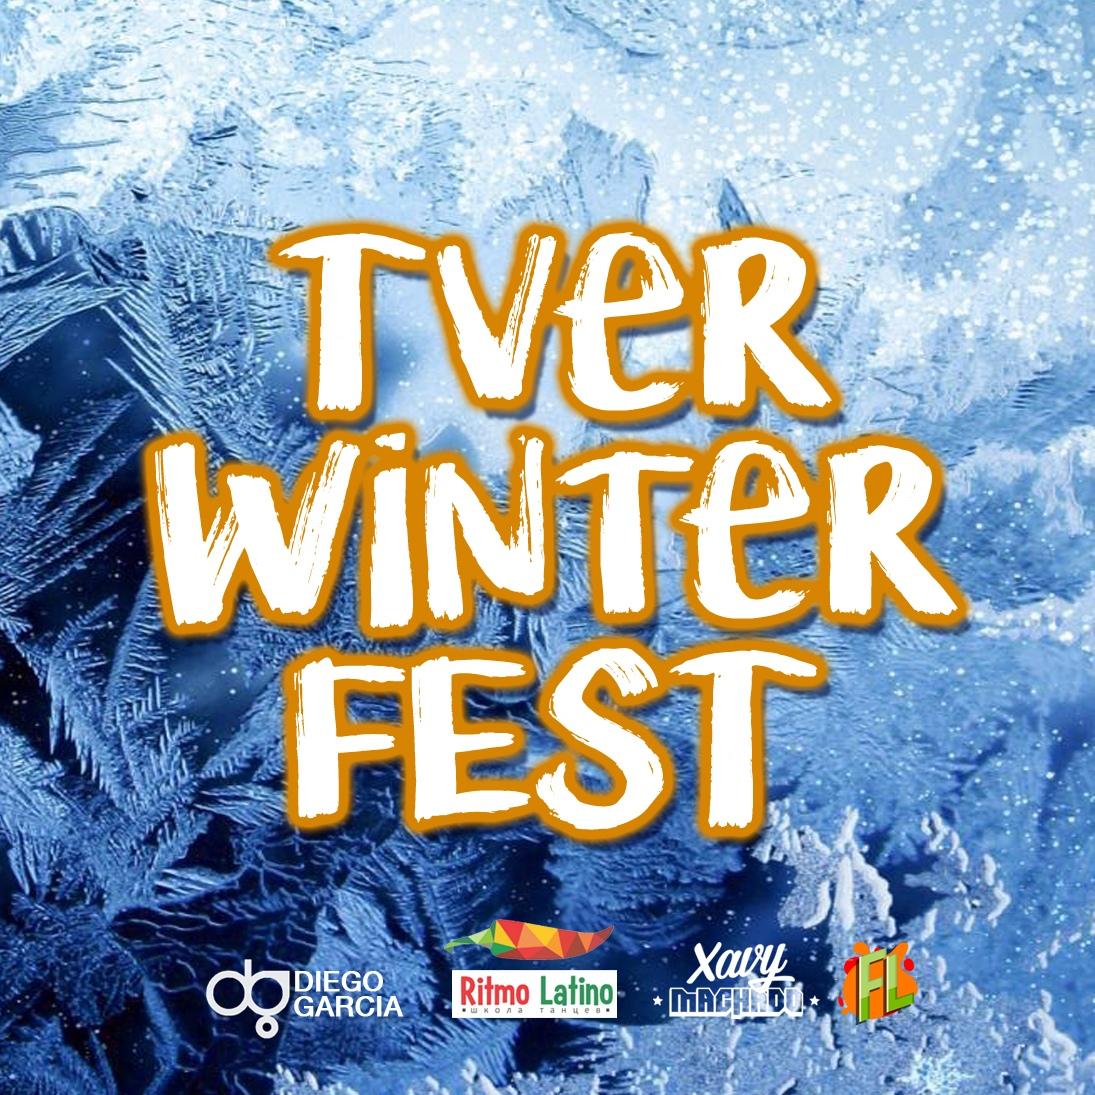 В Твери пройдет латиноамериканский Winter Fest с участием мировых звезд